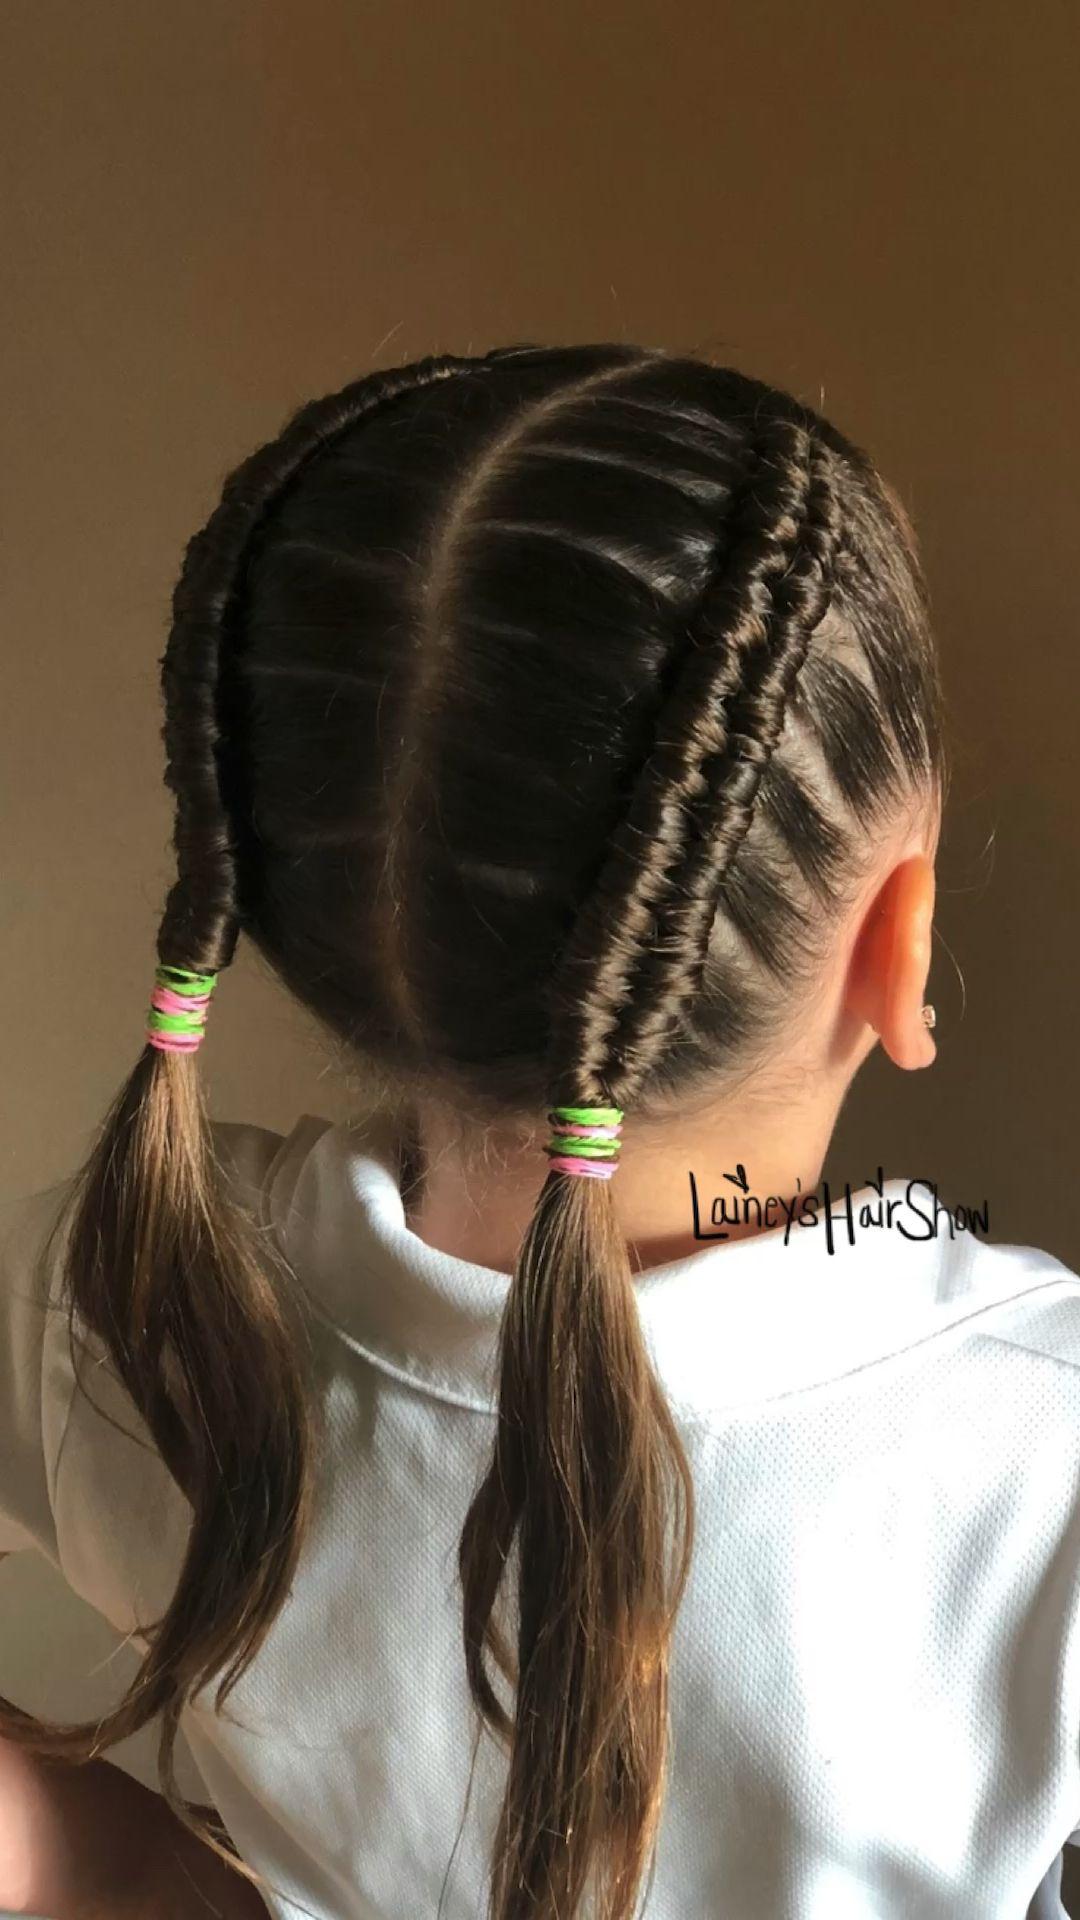 Lainey's Hair Show